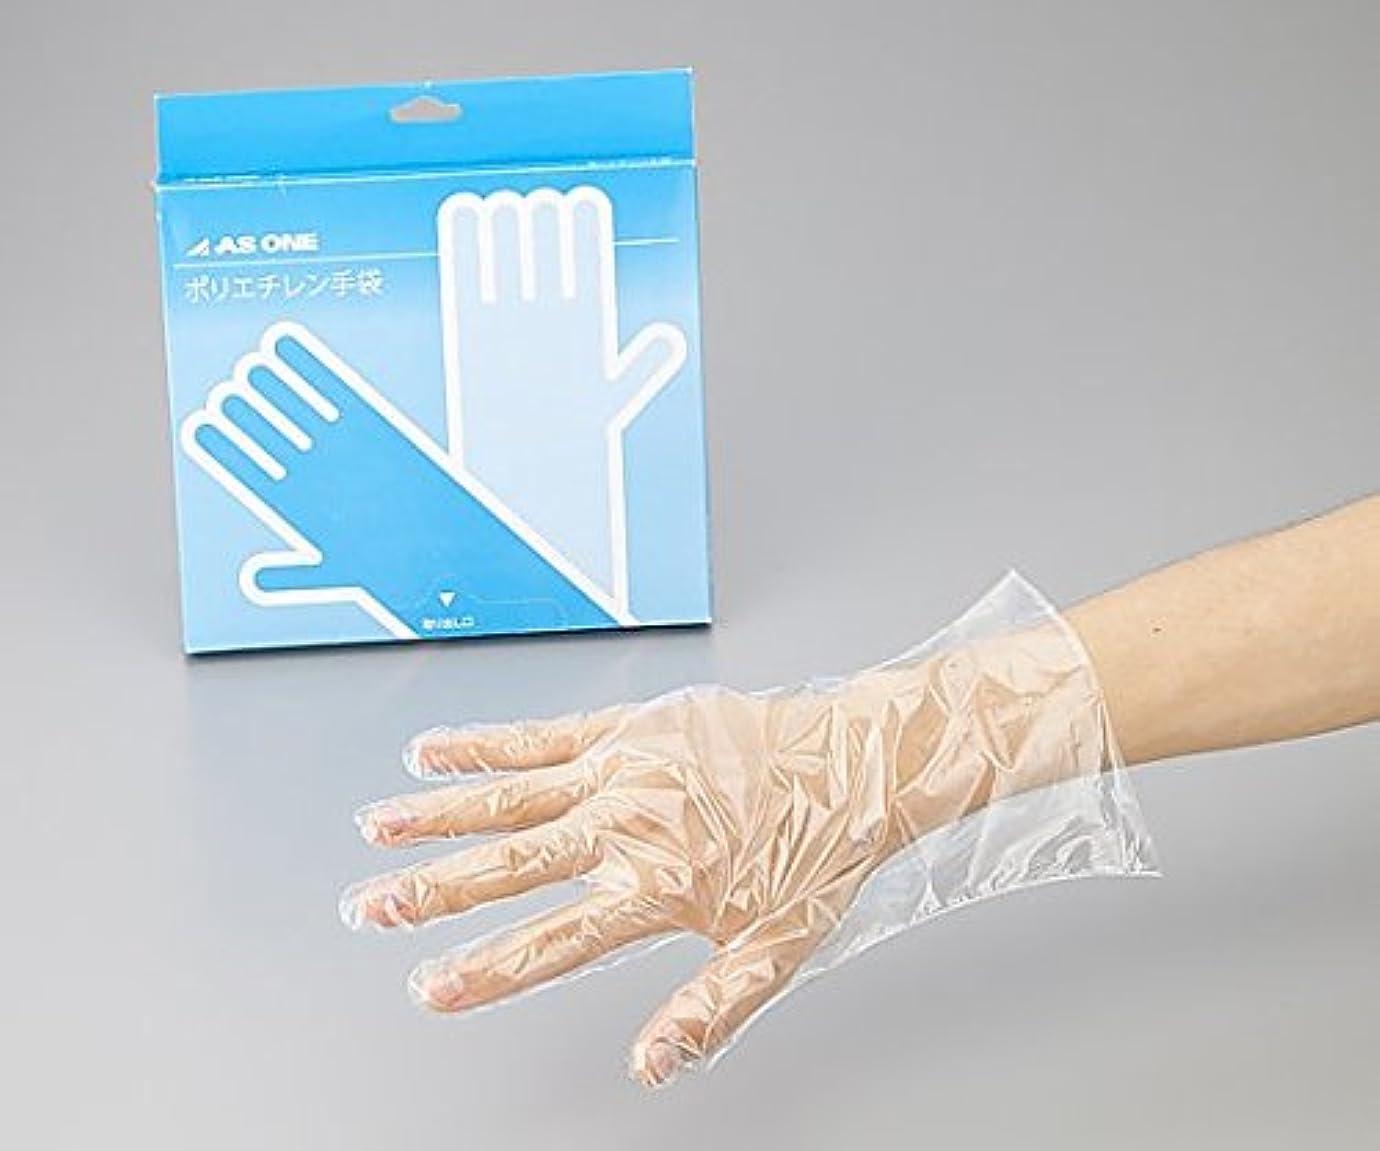 代数的迷路盲目アズワン2-4972-02ポリエチレン手袋エコノミー薄手M100枚入